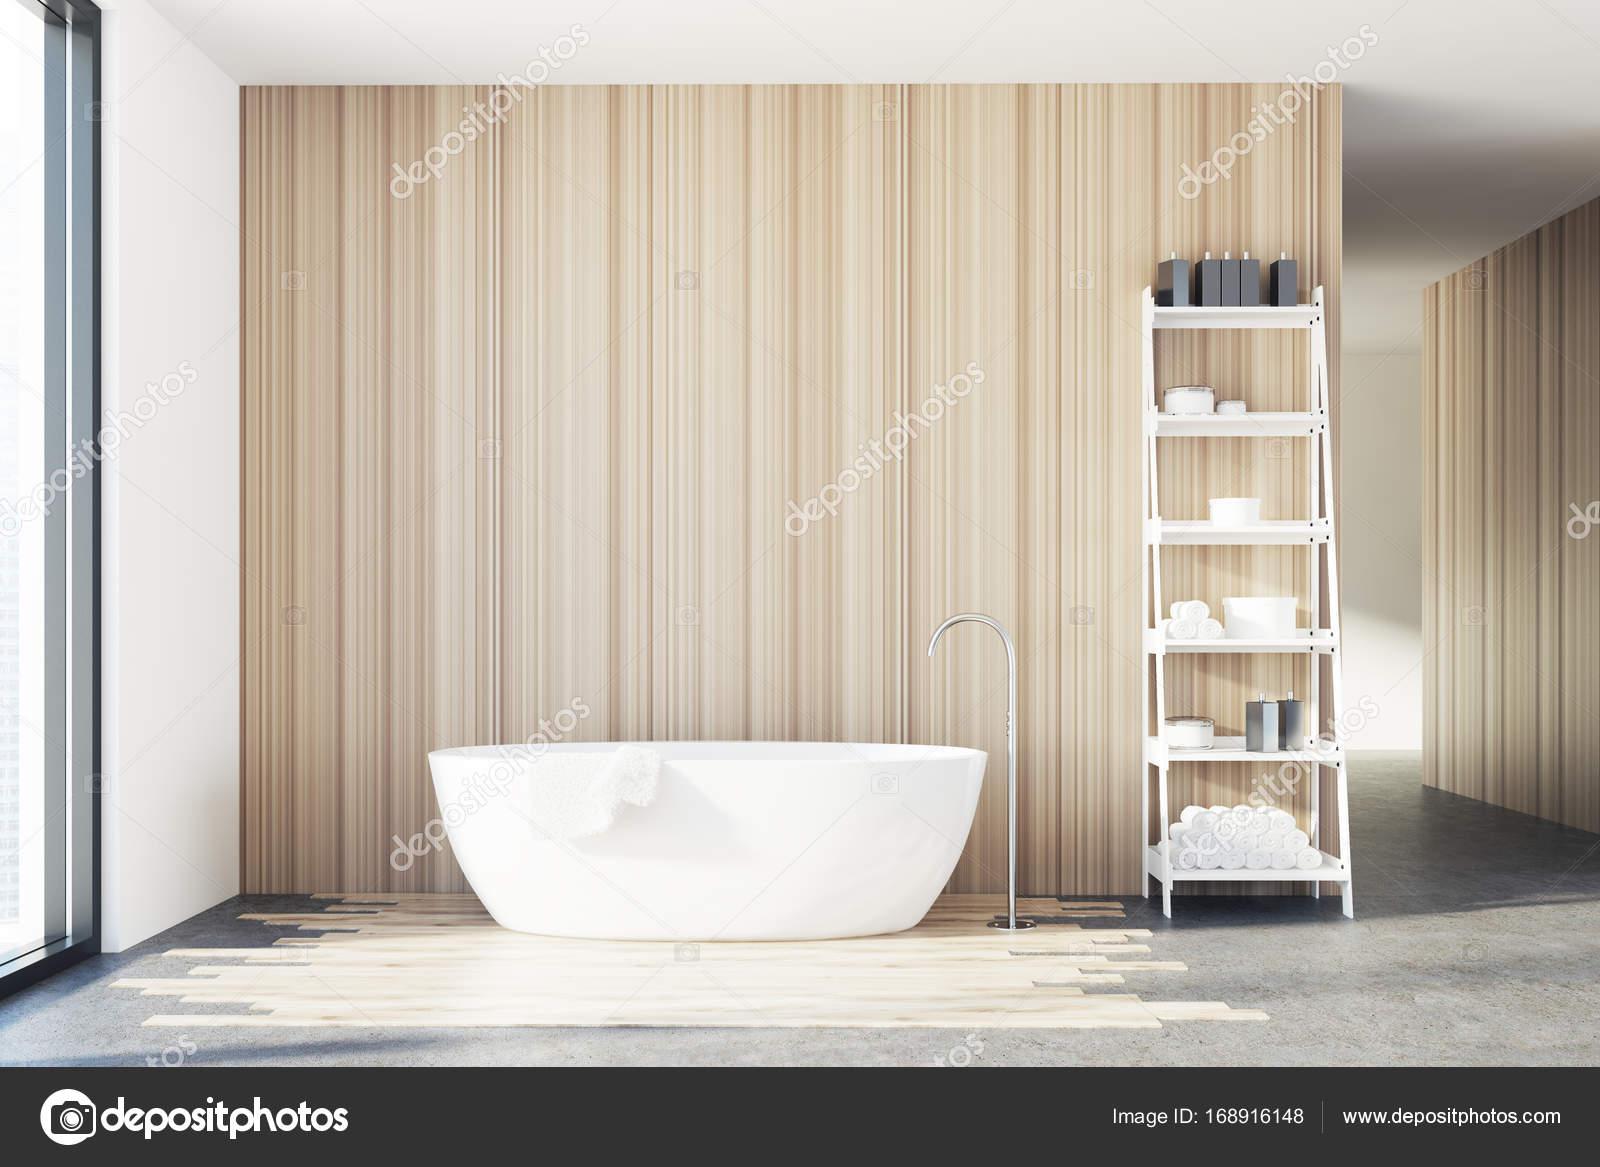 Baignoire de salle de bain en bois, blanc, étagères — Photographie ...